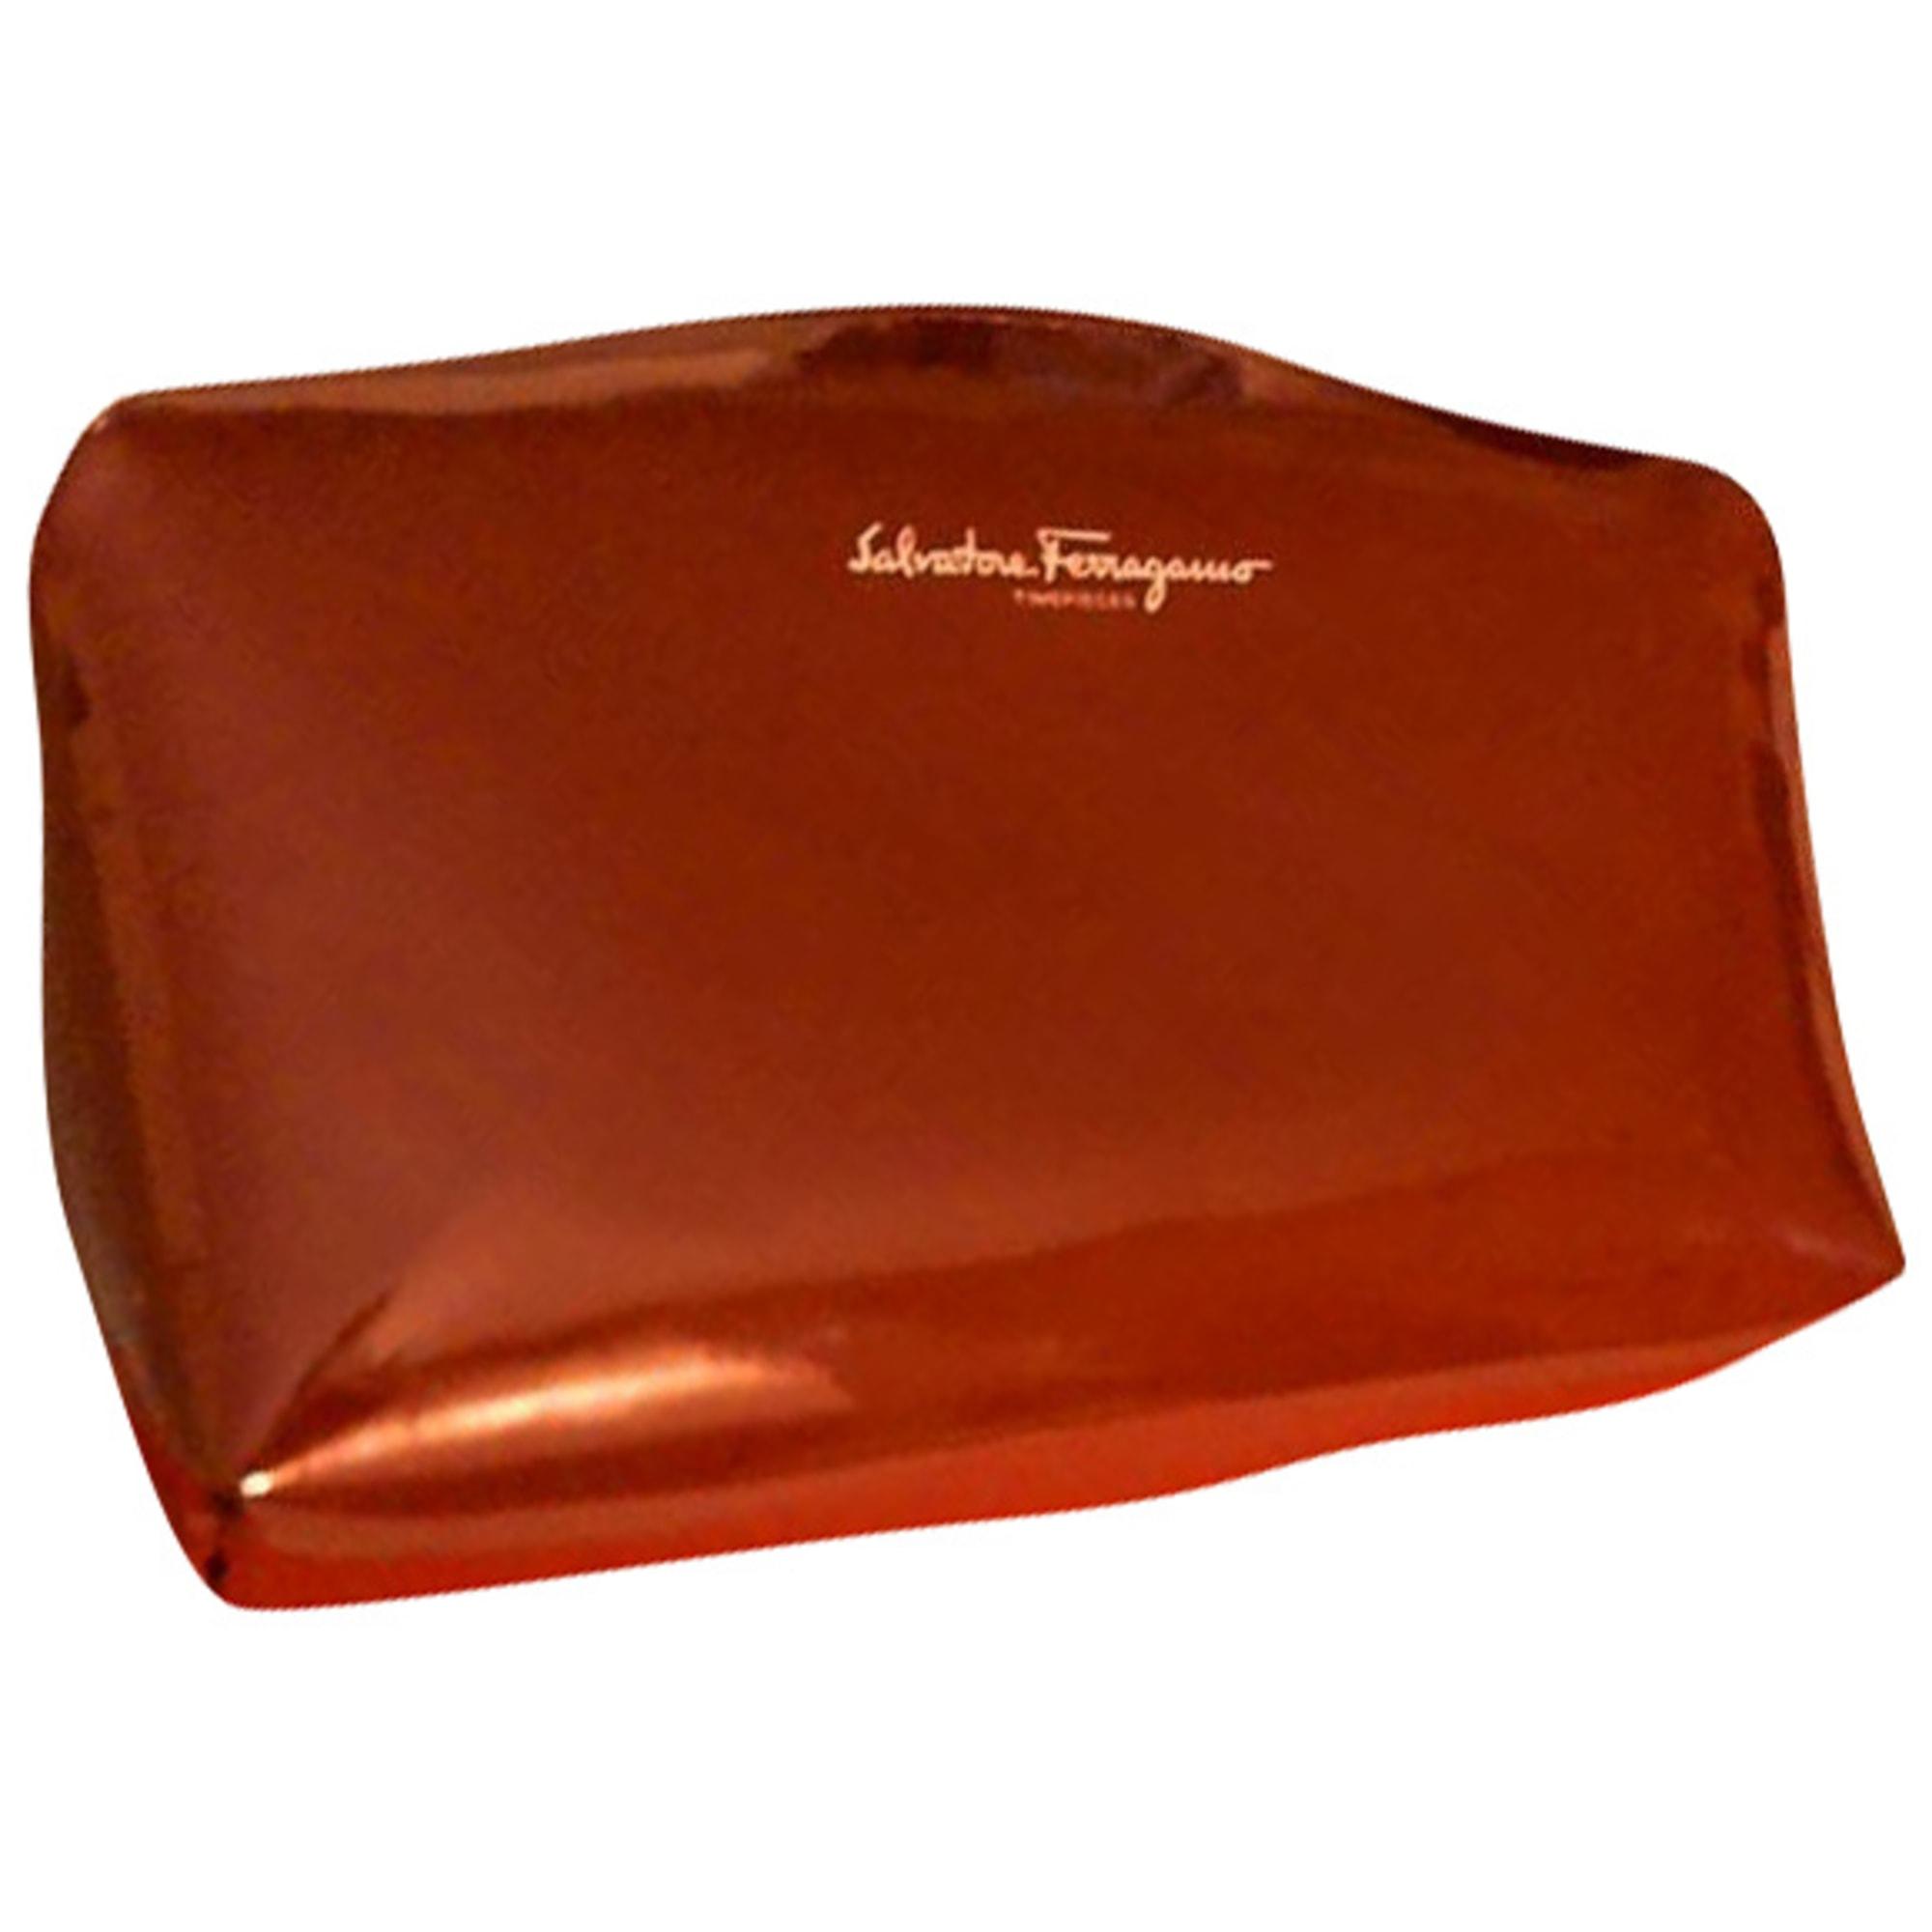 Sac pochette en cuir SALVATORE FERRAGAMO Rouge, bordeaux